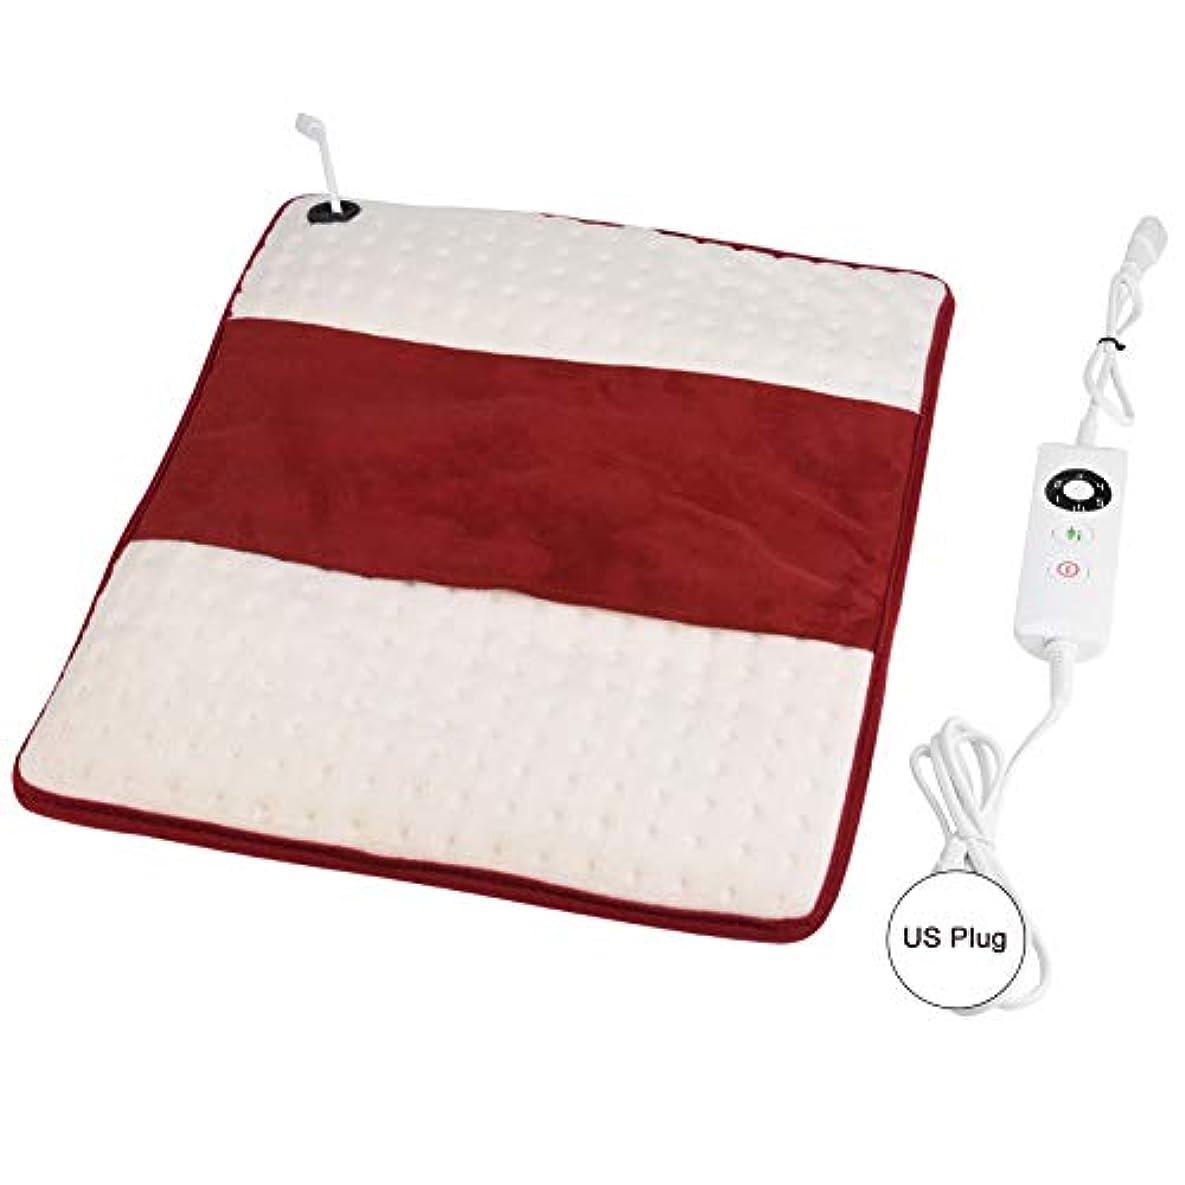 活気づける機械生き返らせる電気暖房のパッド、多機能の電気暖房療法のパッドの洗濯できる腰痛の救助のマット(US Plug)